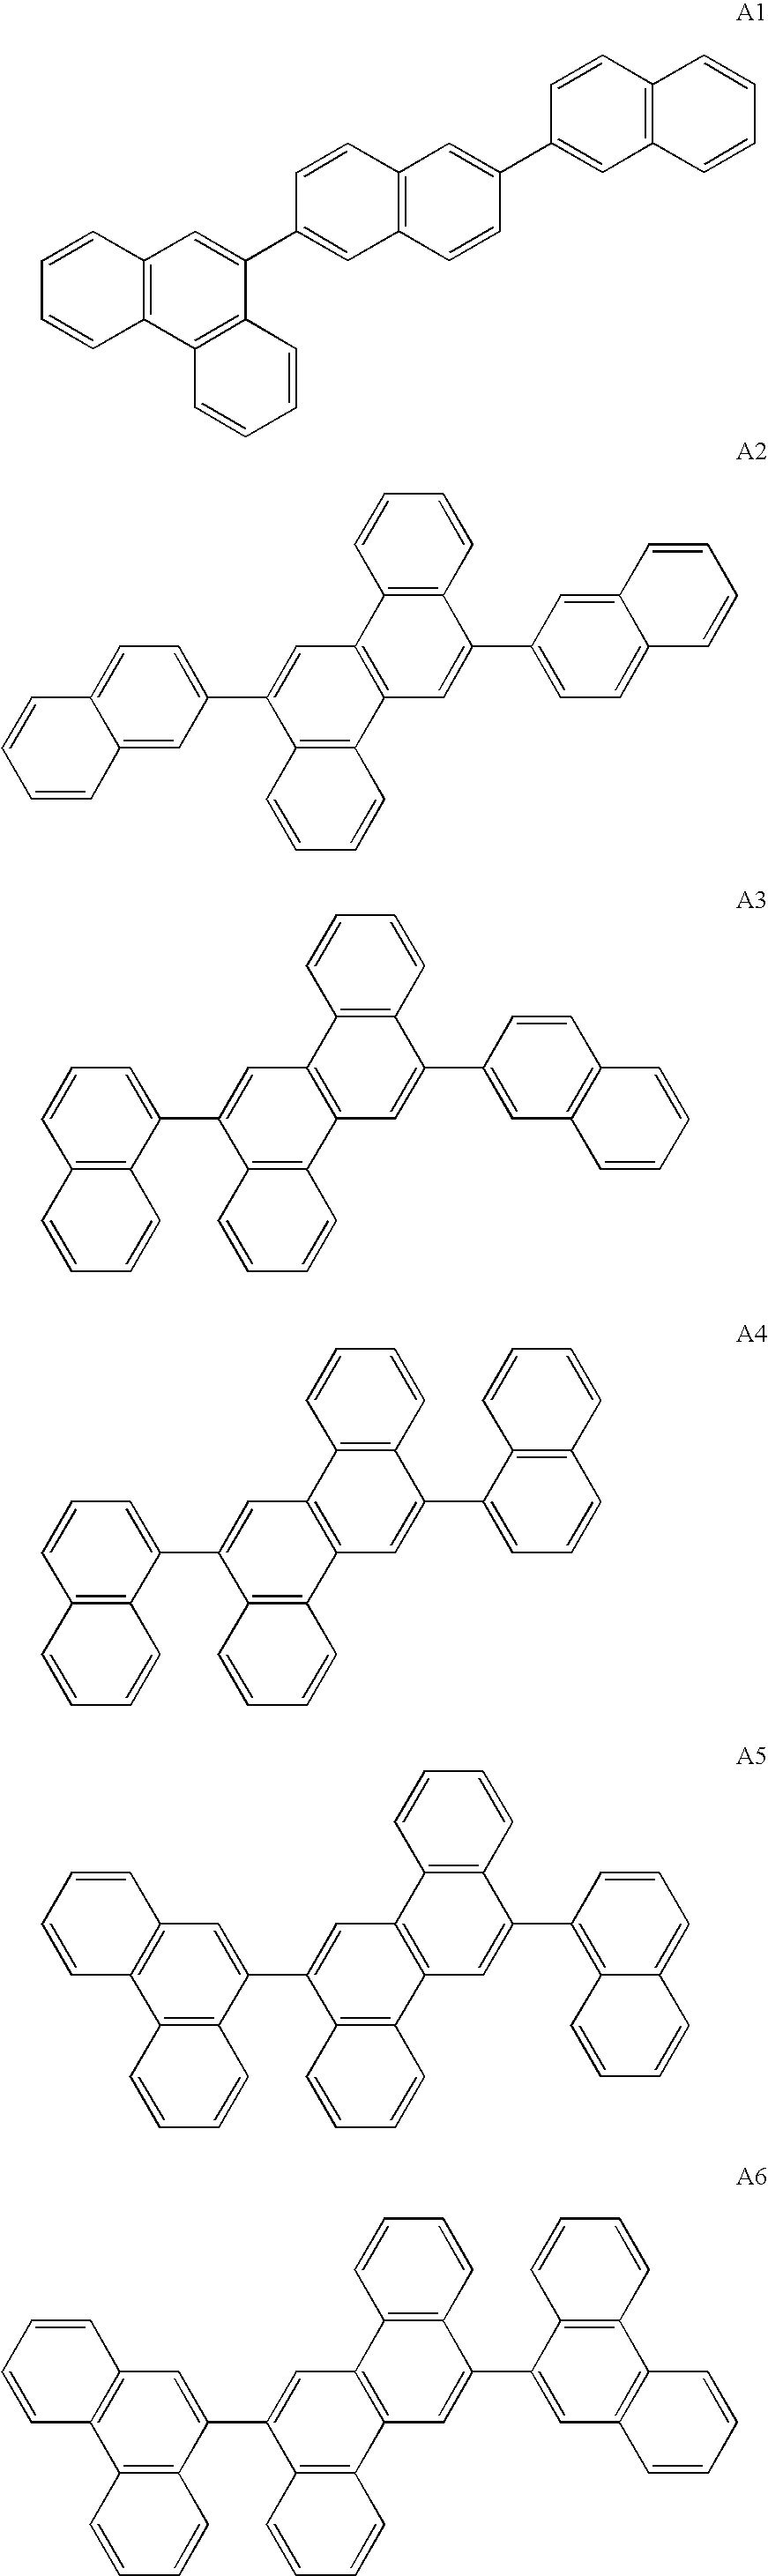 Figure US08779655-20140715-C00001